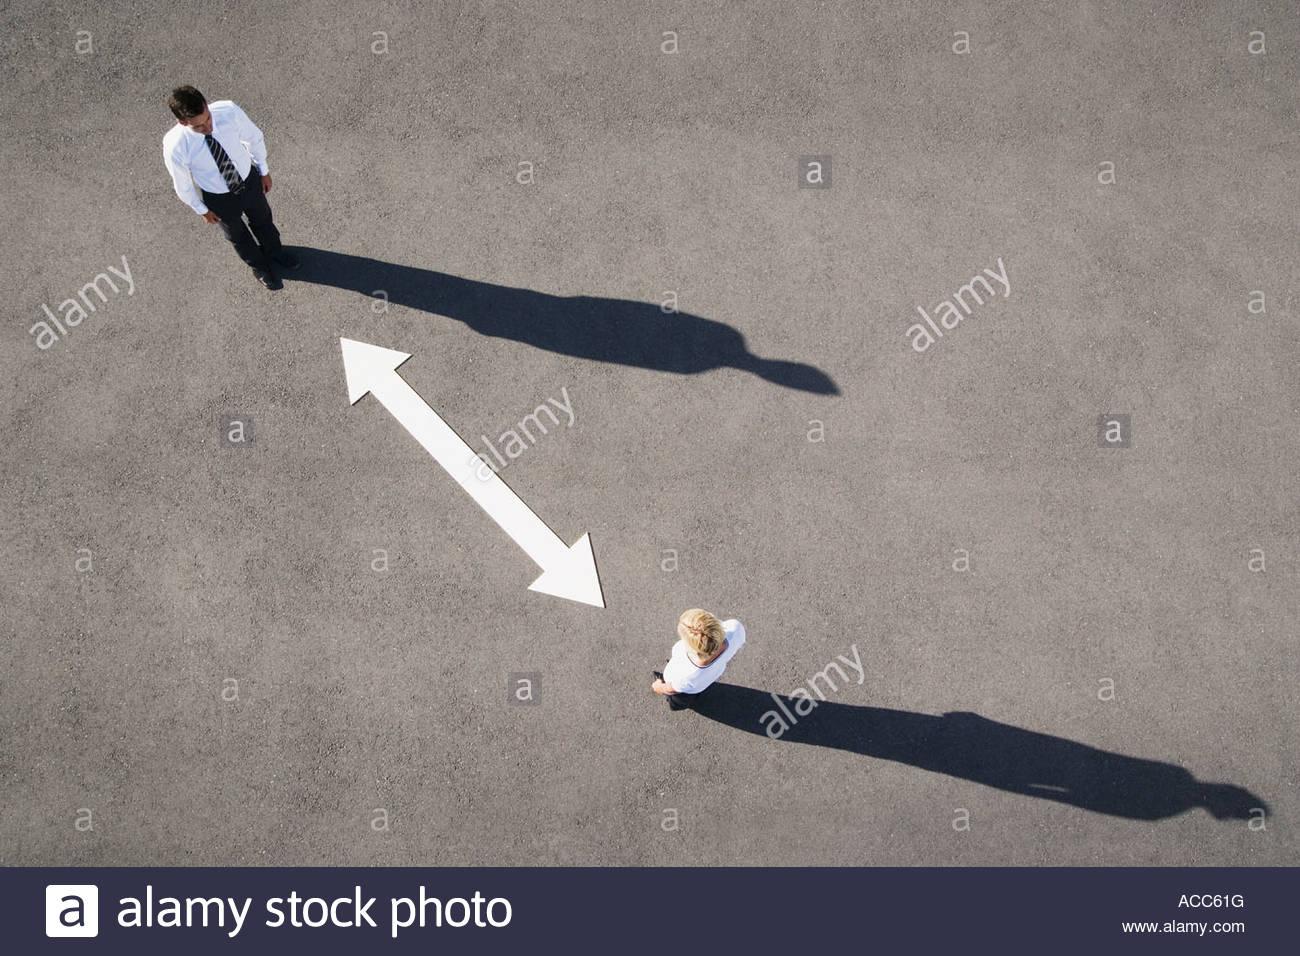 Vista aérea del hombre y de la mujer con la flecha sobre pavimento Imagen De Stock